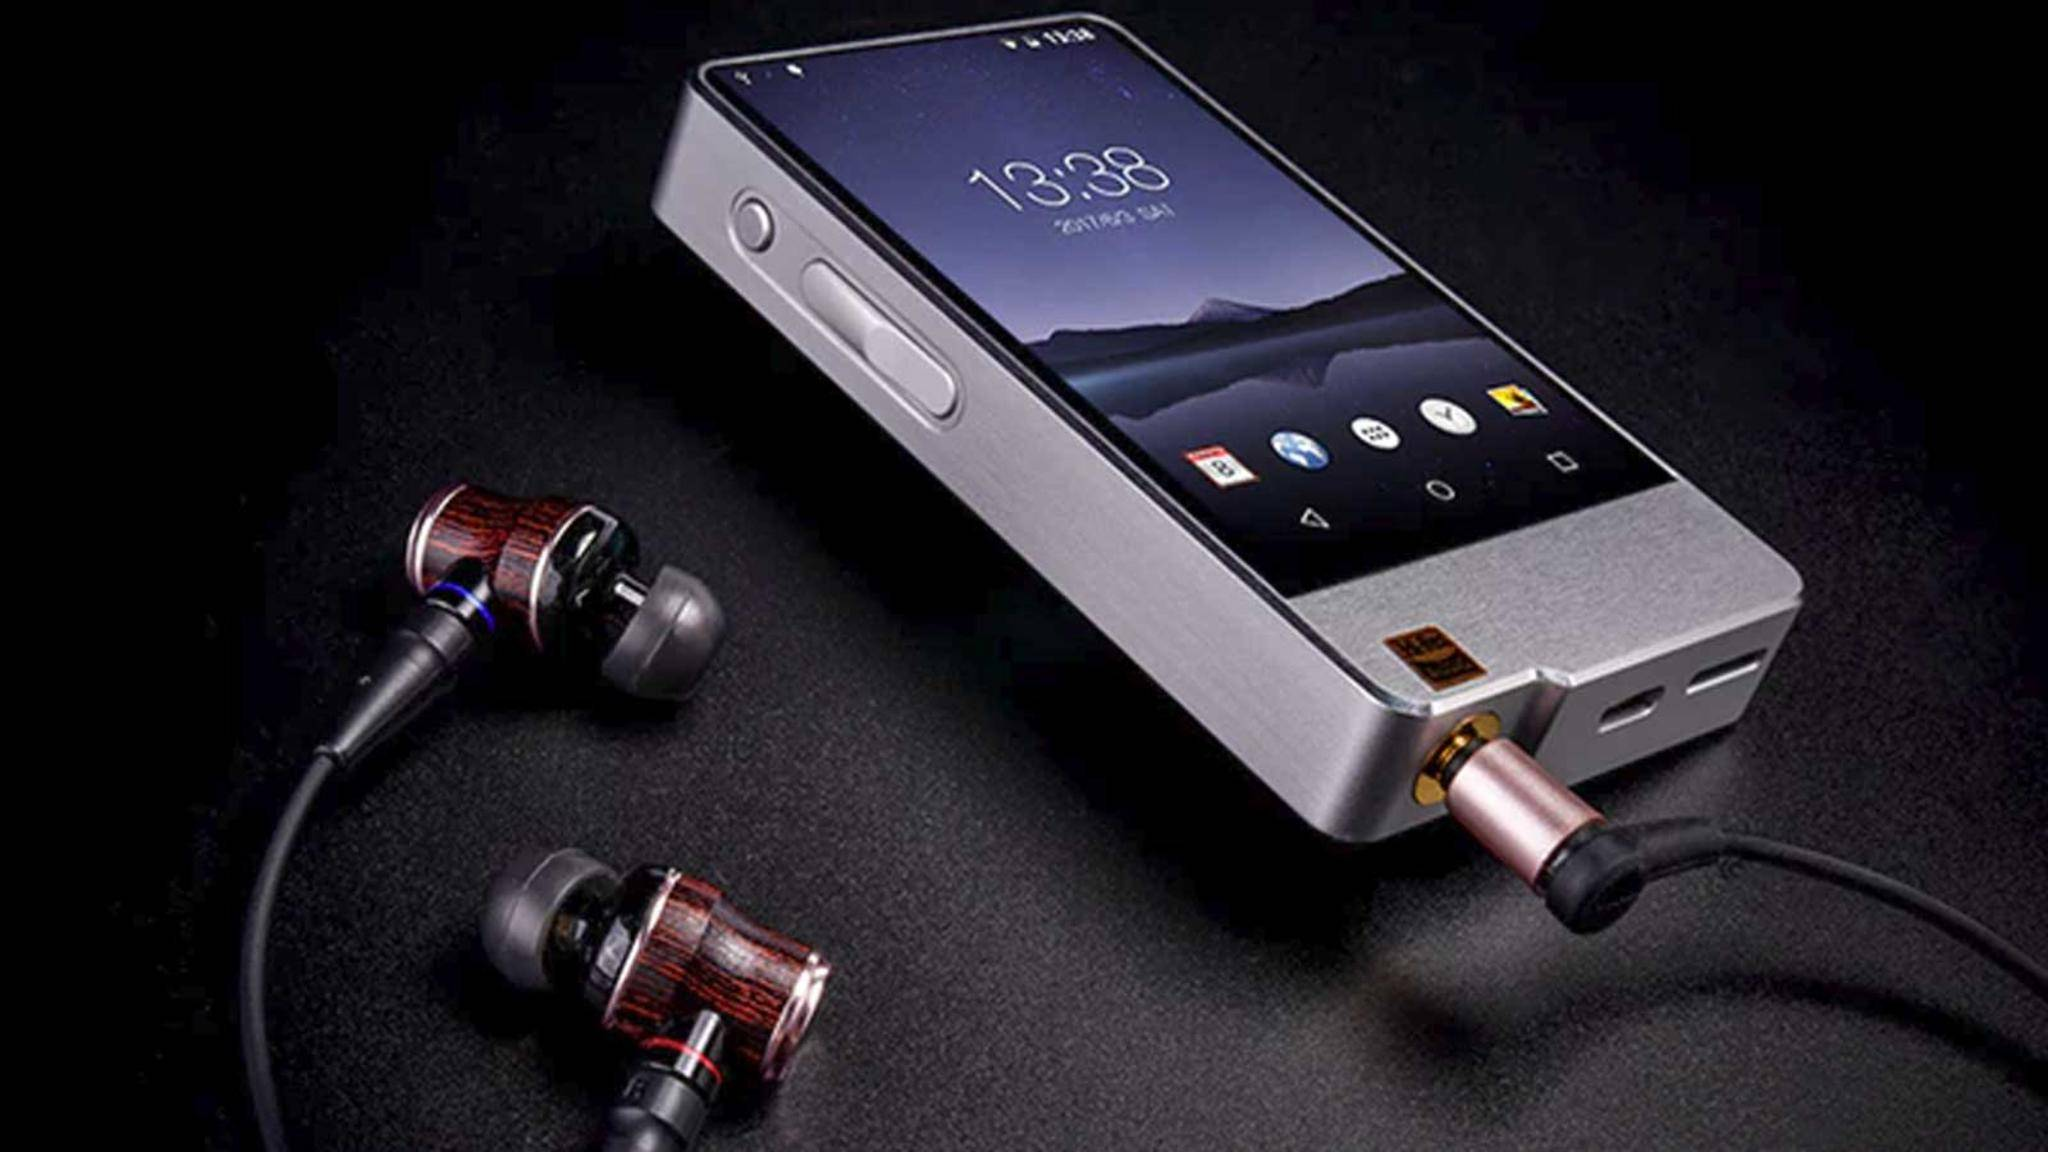 Der HIDIZS AP200 ist ein besonders edler MP3-Player und sucht bei Kickstarter nach Geldgebern.